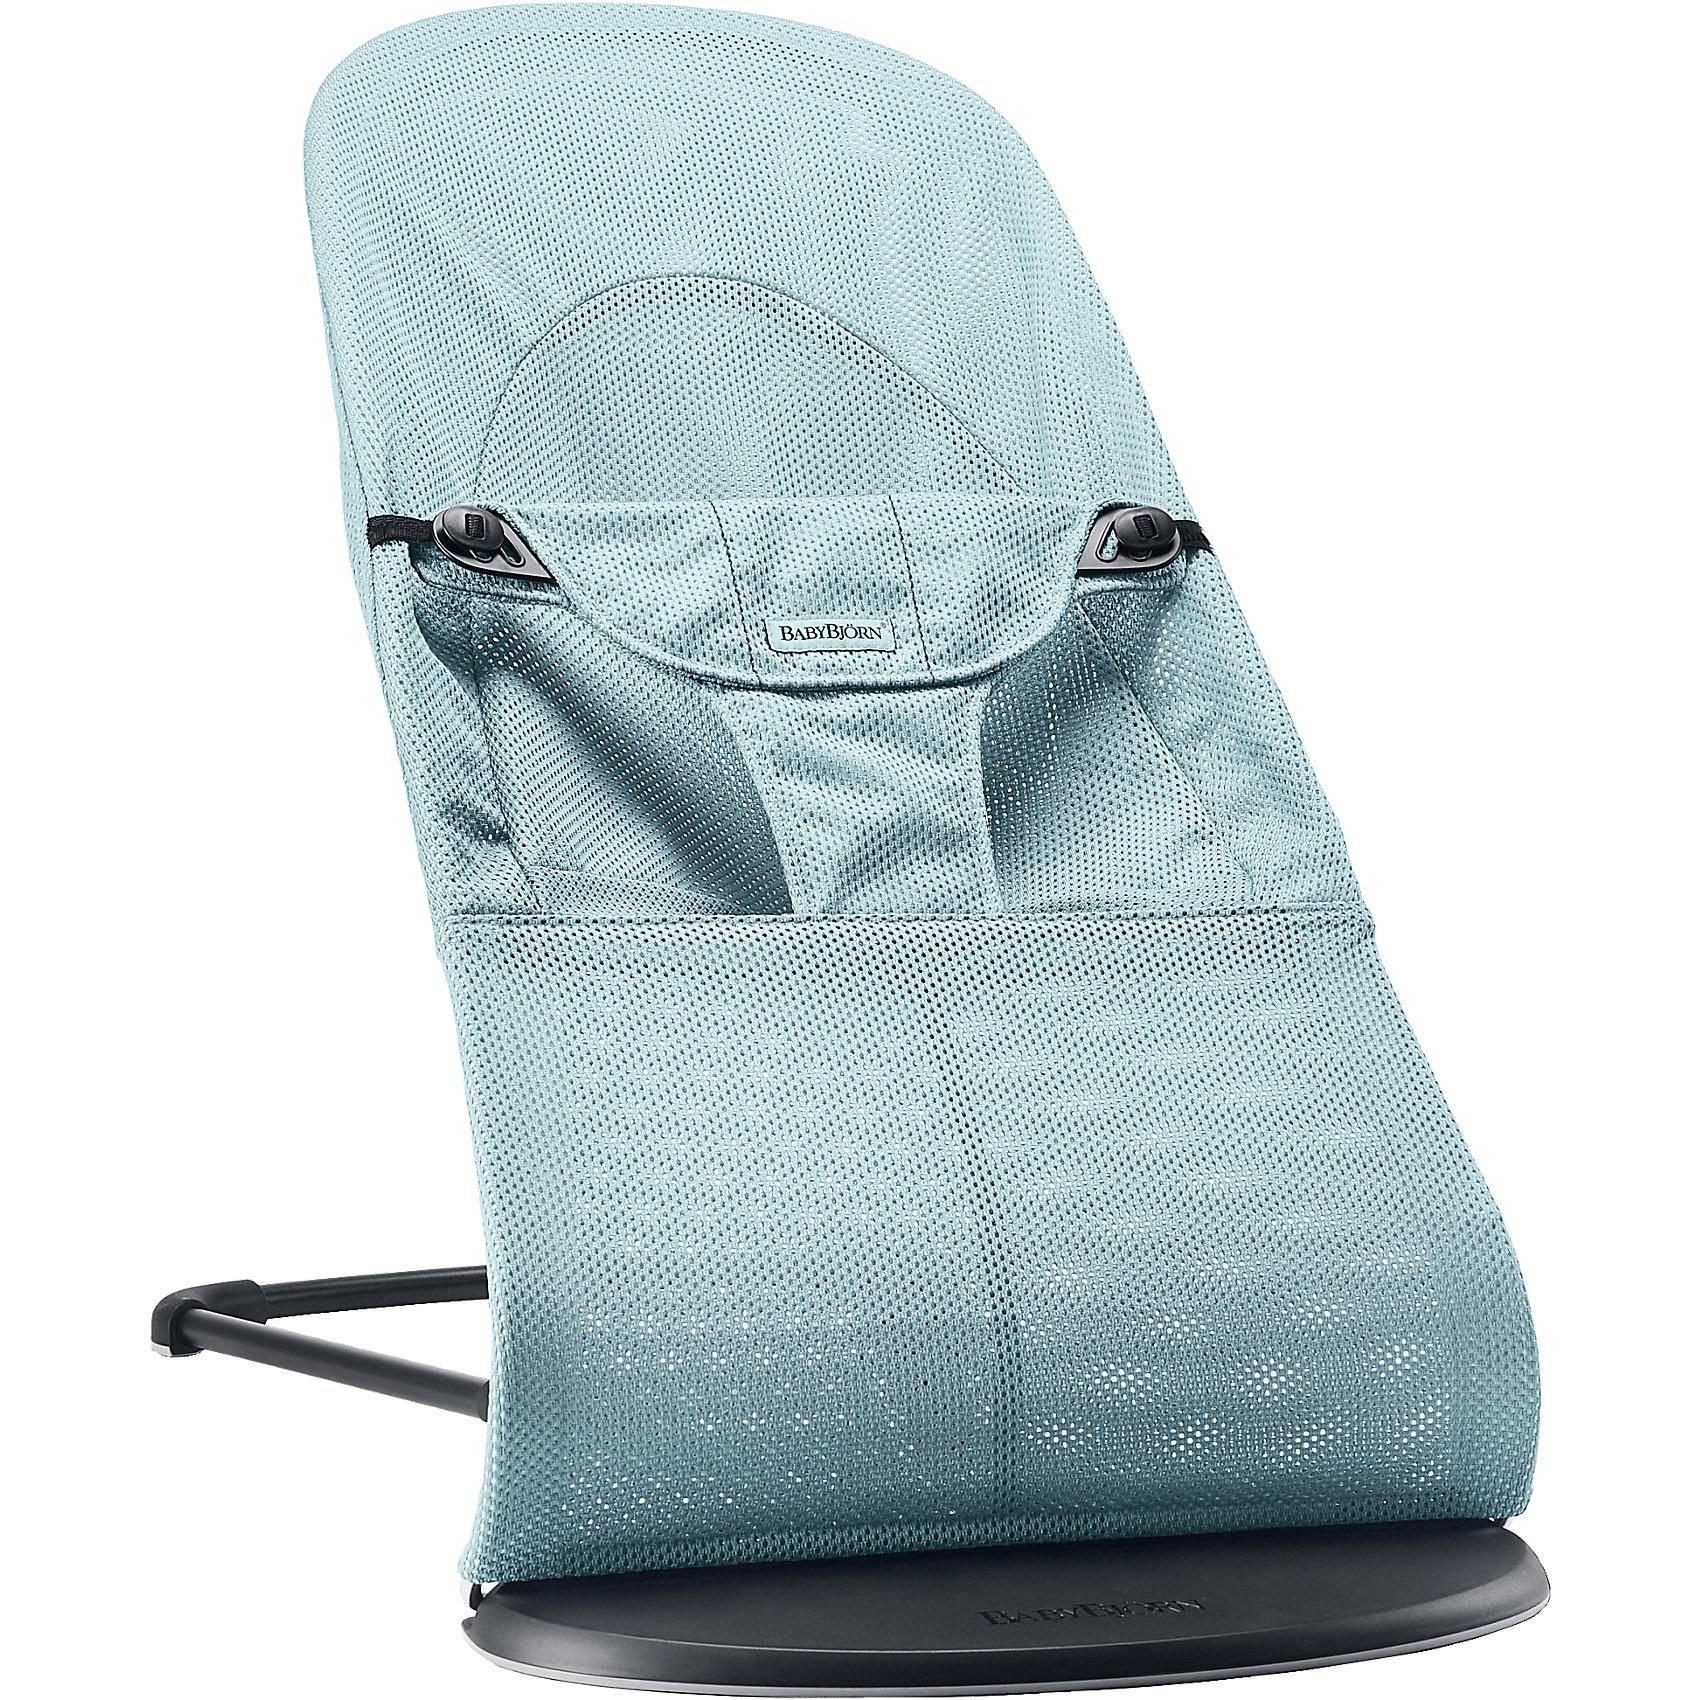 BabyBjorn Кресло-шезлонг Balance Soft Air, BabyBjorn, бирюзовый кресло шезлонг фея релакс 5 мульти позиционный